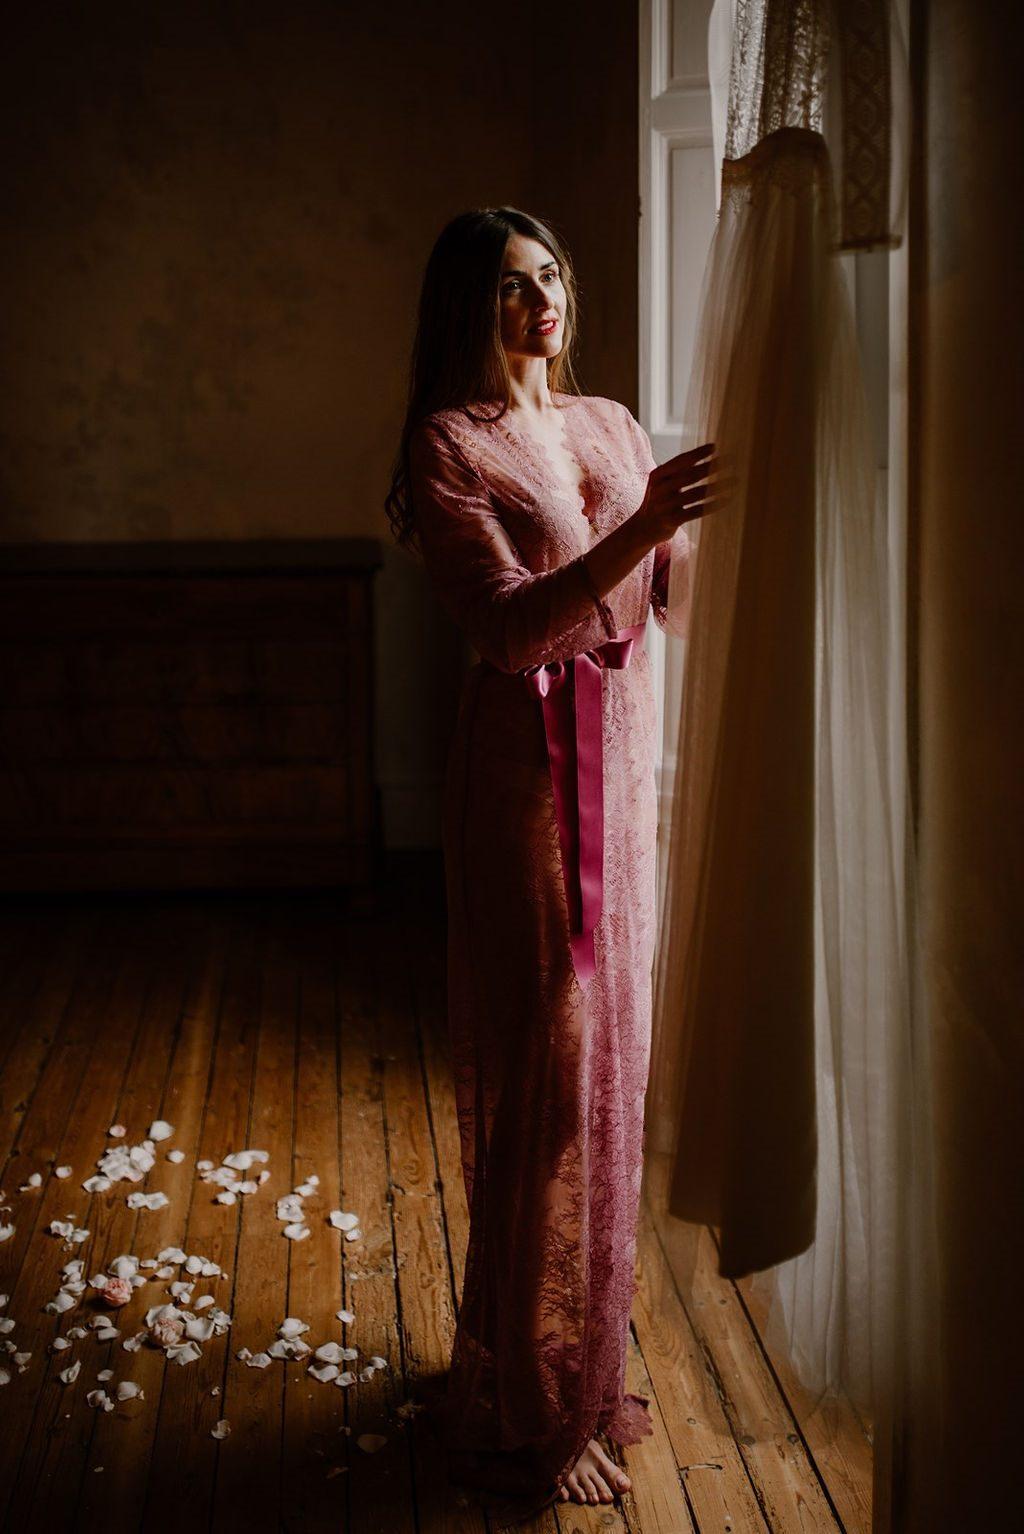 La mariée porte un magnifique kimono en dentelle lors de sa mise en beauté le matin de son mariage.